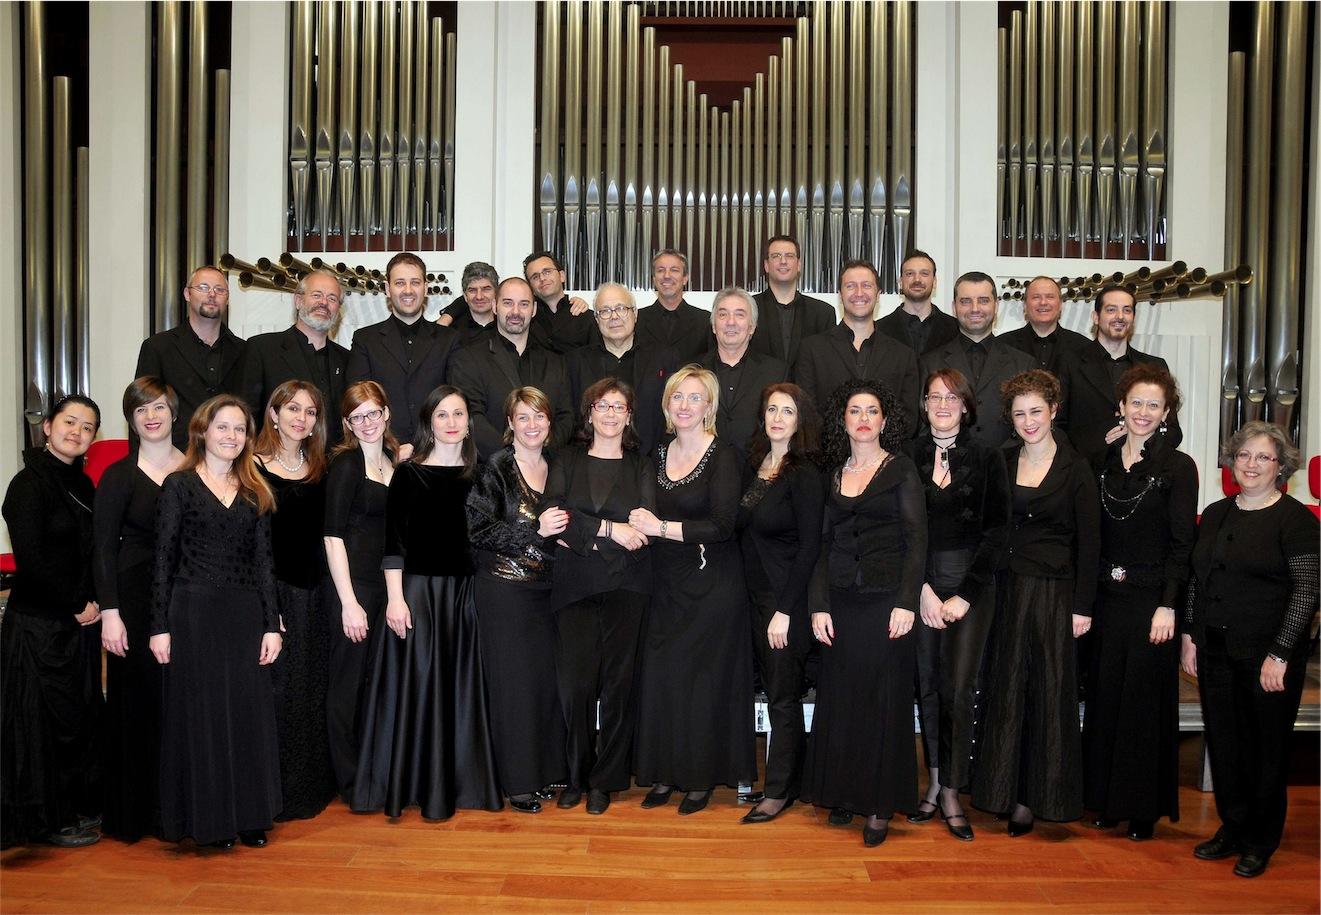 Il coro padovano La Stagione Armonica in diretta su Rai Radio 3, e in differita su Rai Uno, diretto da Riccardo Muti